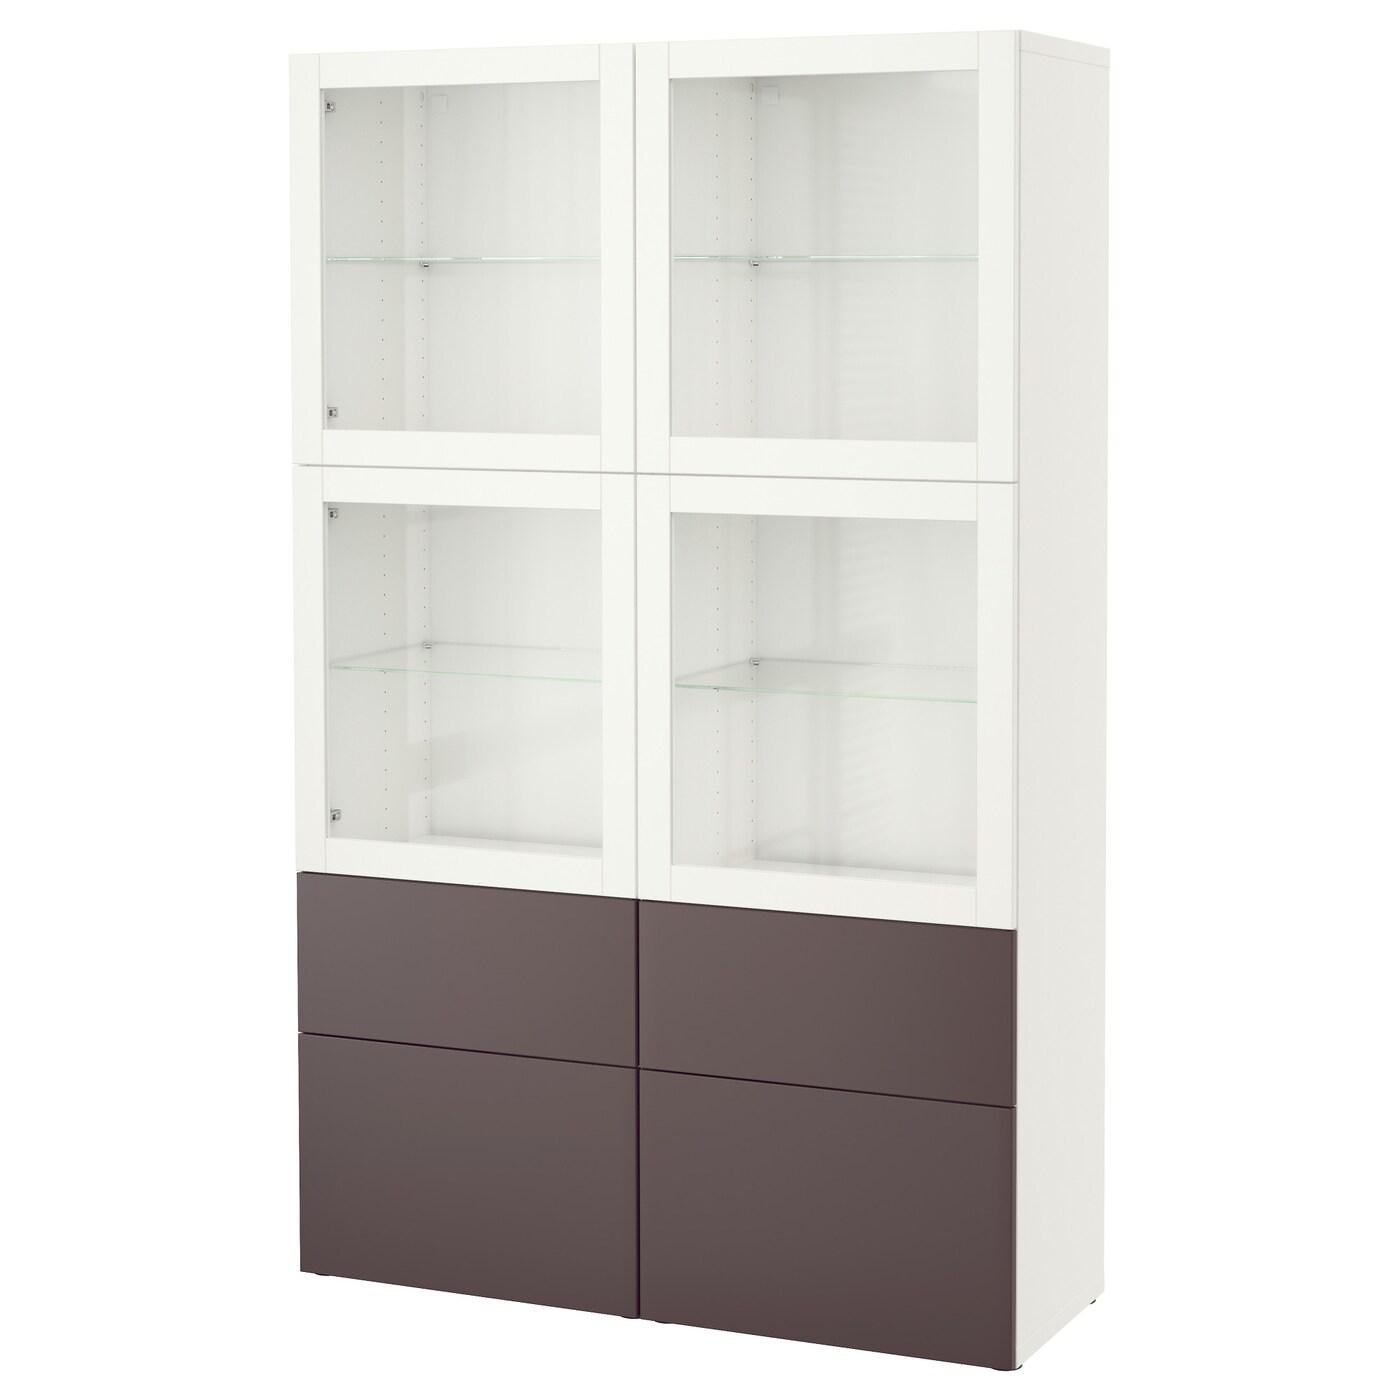 braun-glas Standvitrinen online kaufen | Möbel-Suchmaschine ...